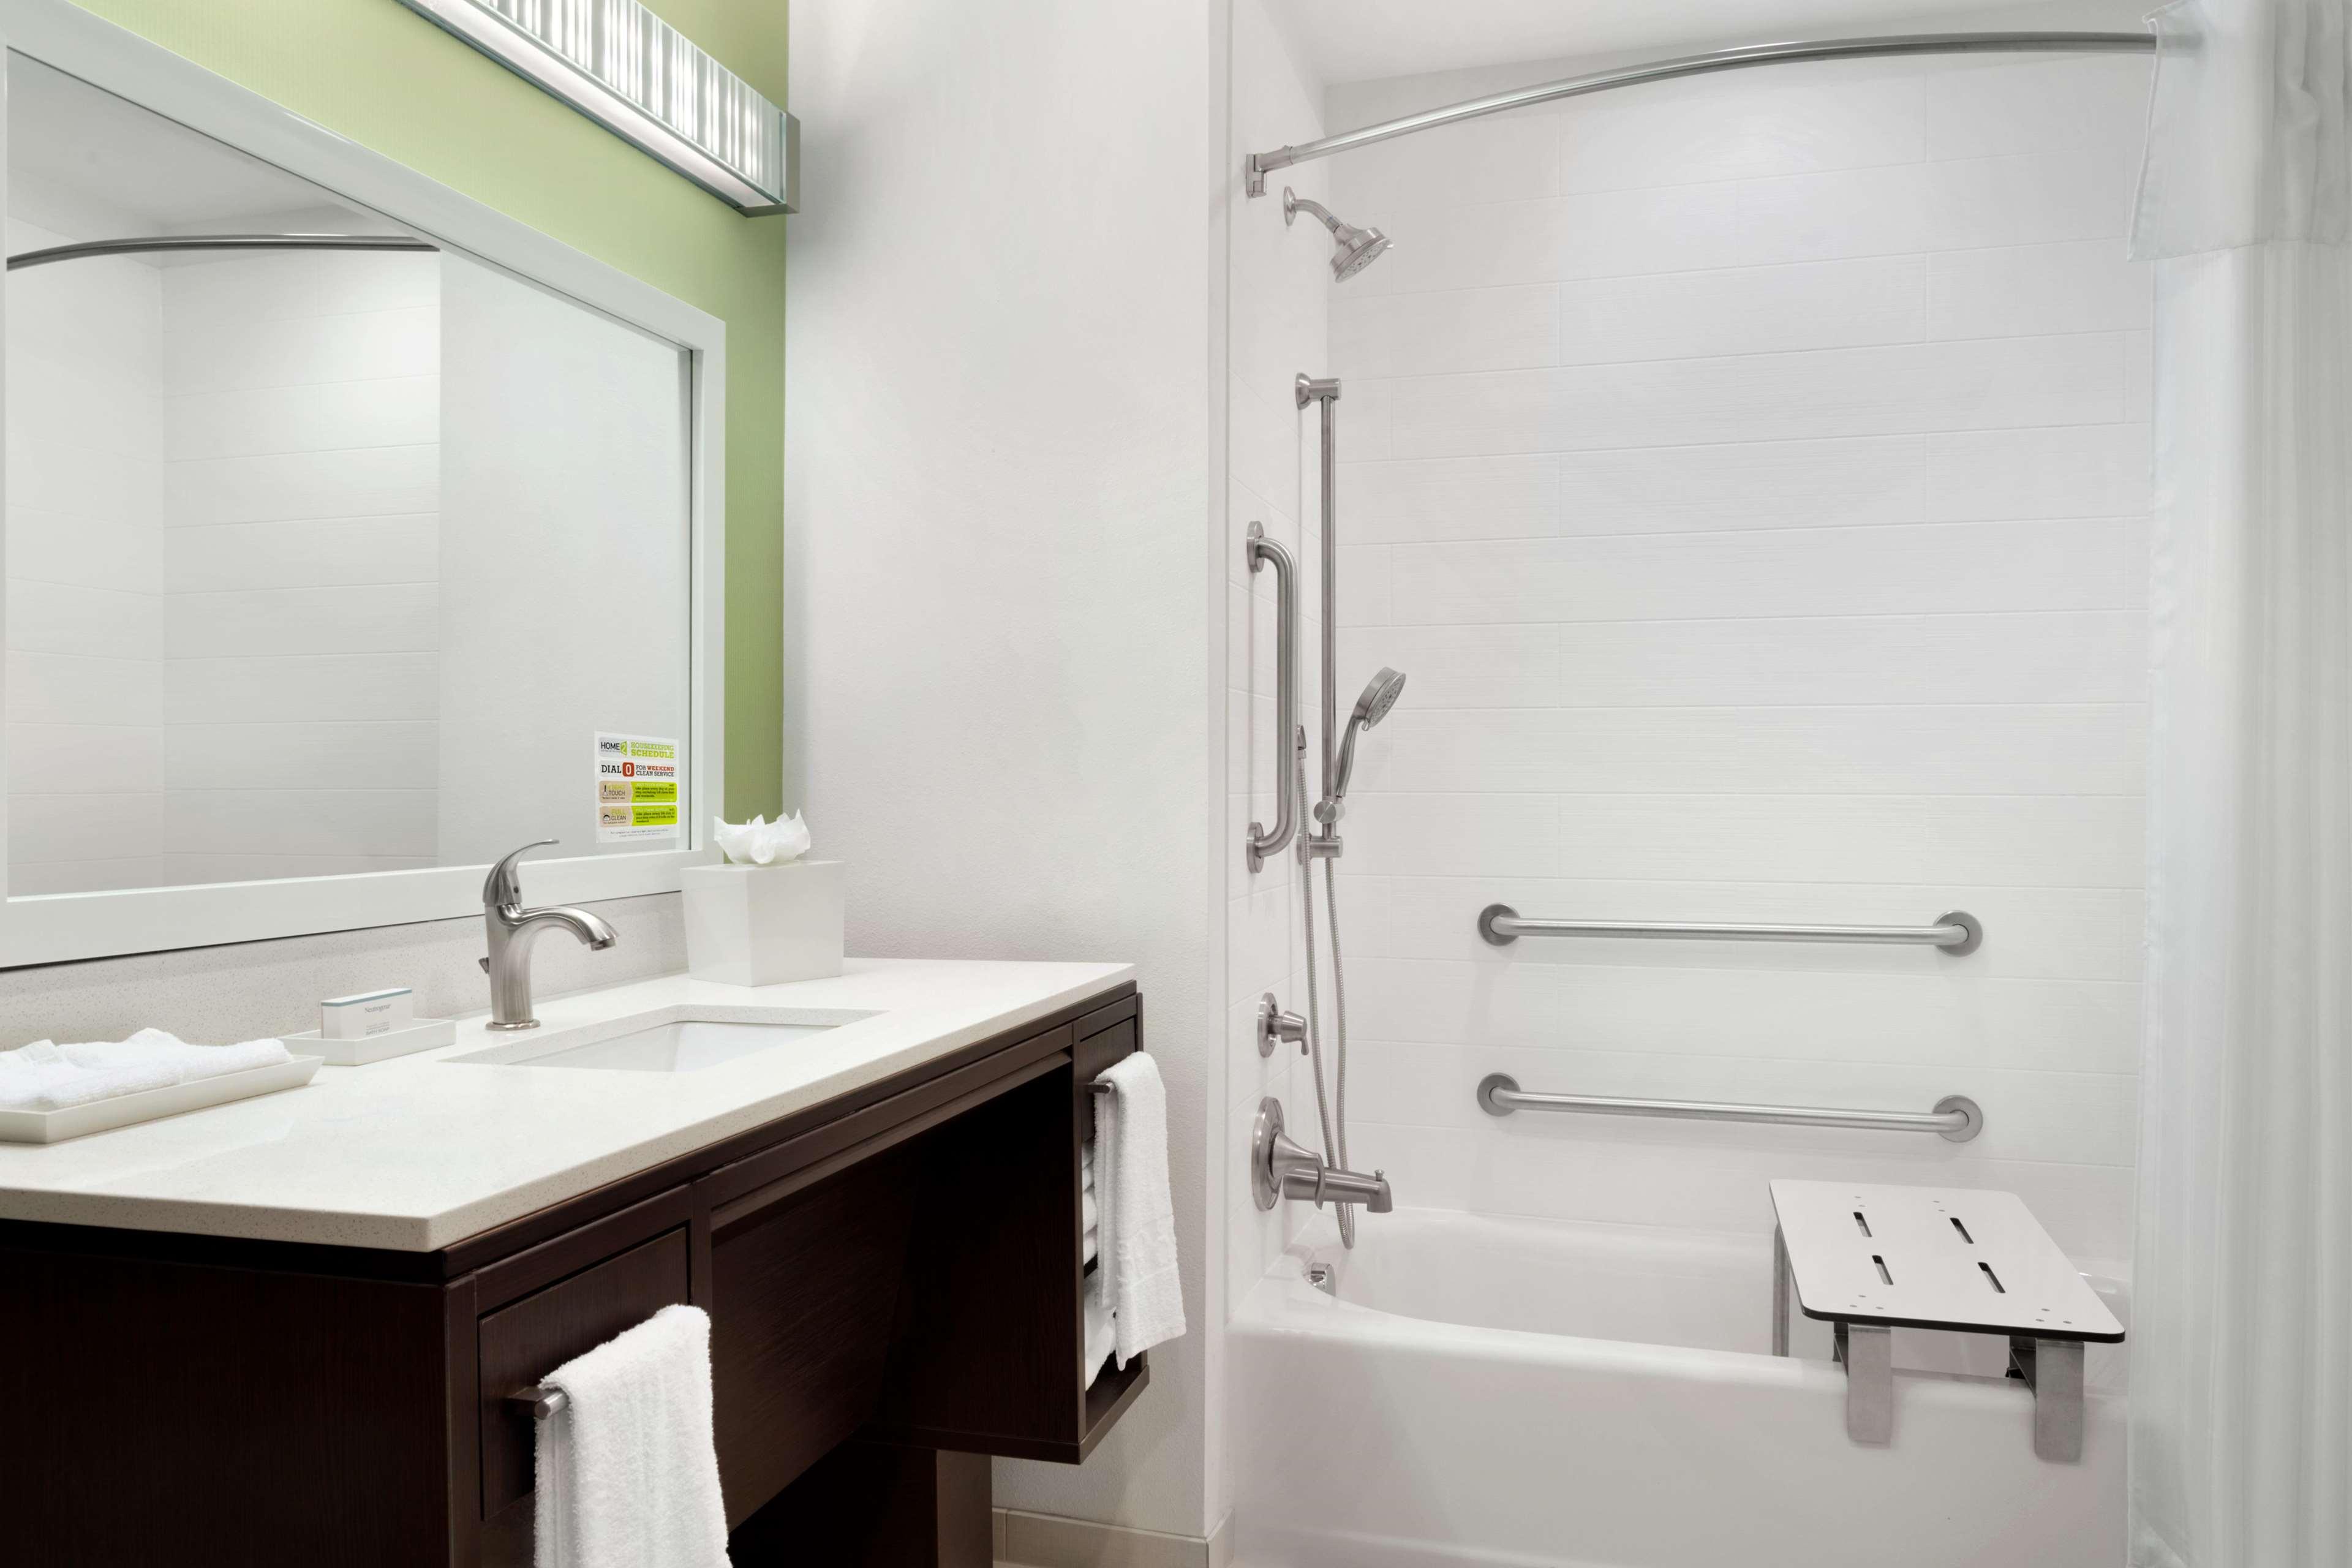 Home2 Suites by Hilton McAllen image 31